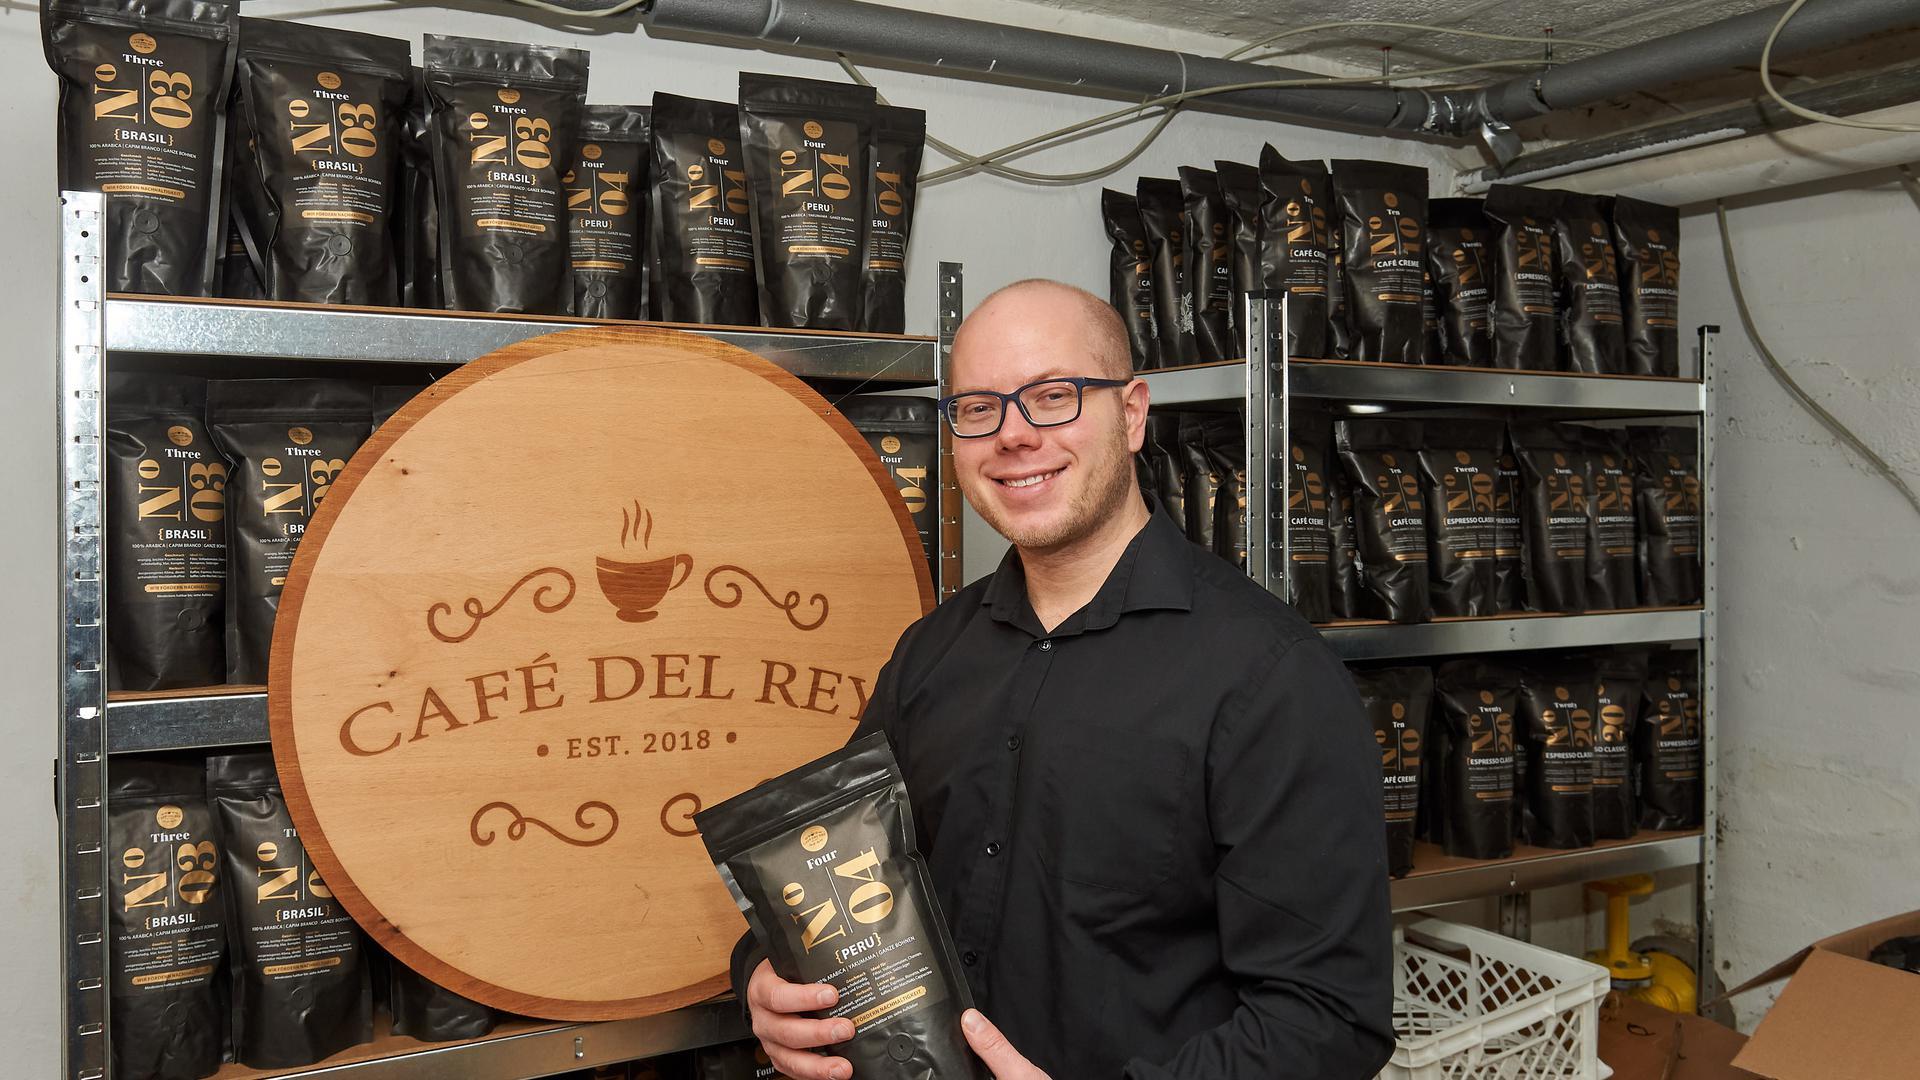 Kaffeeröster Cafe del Rey